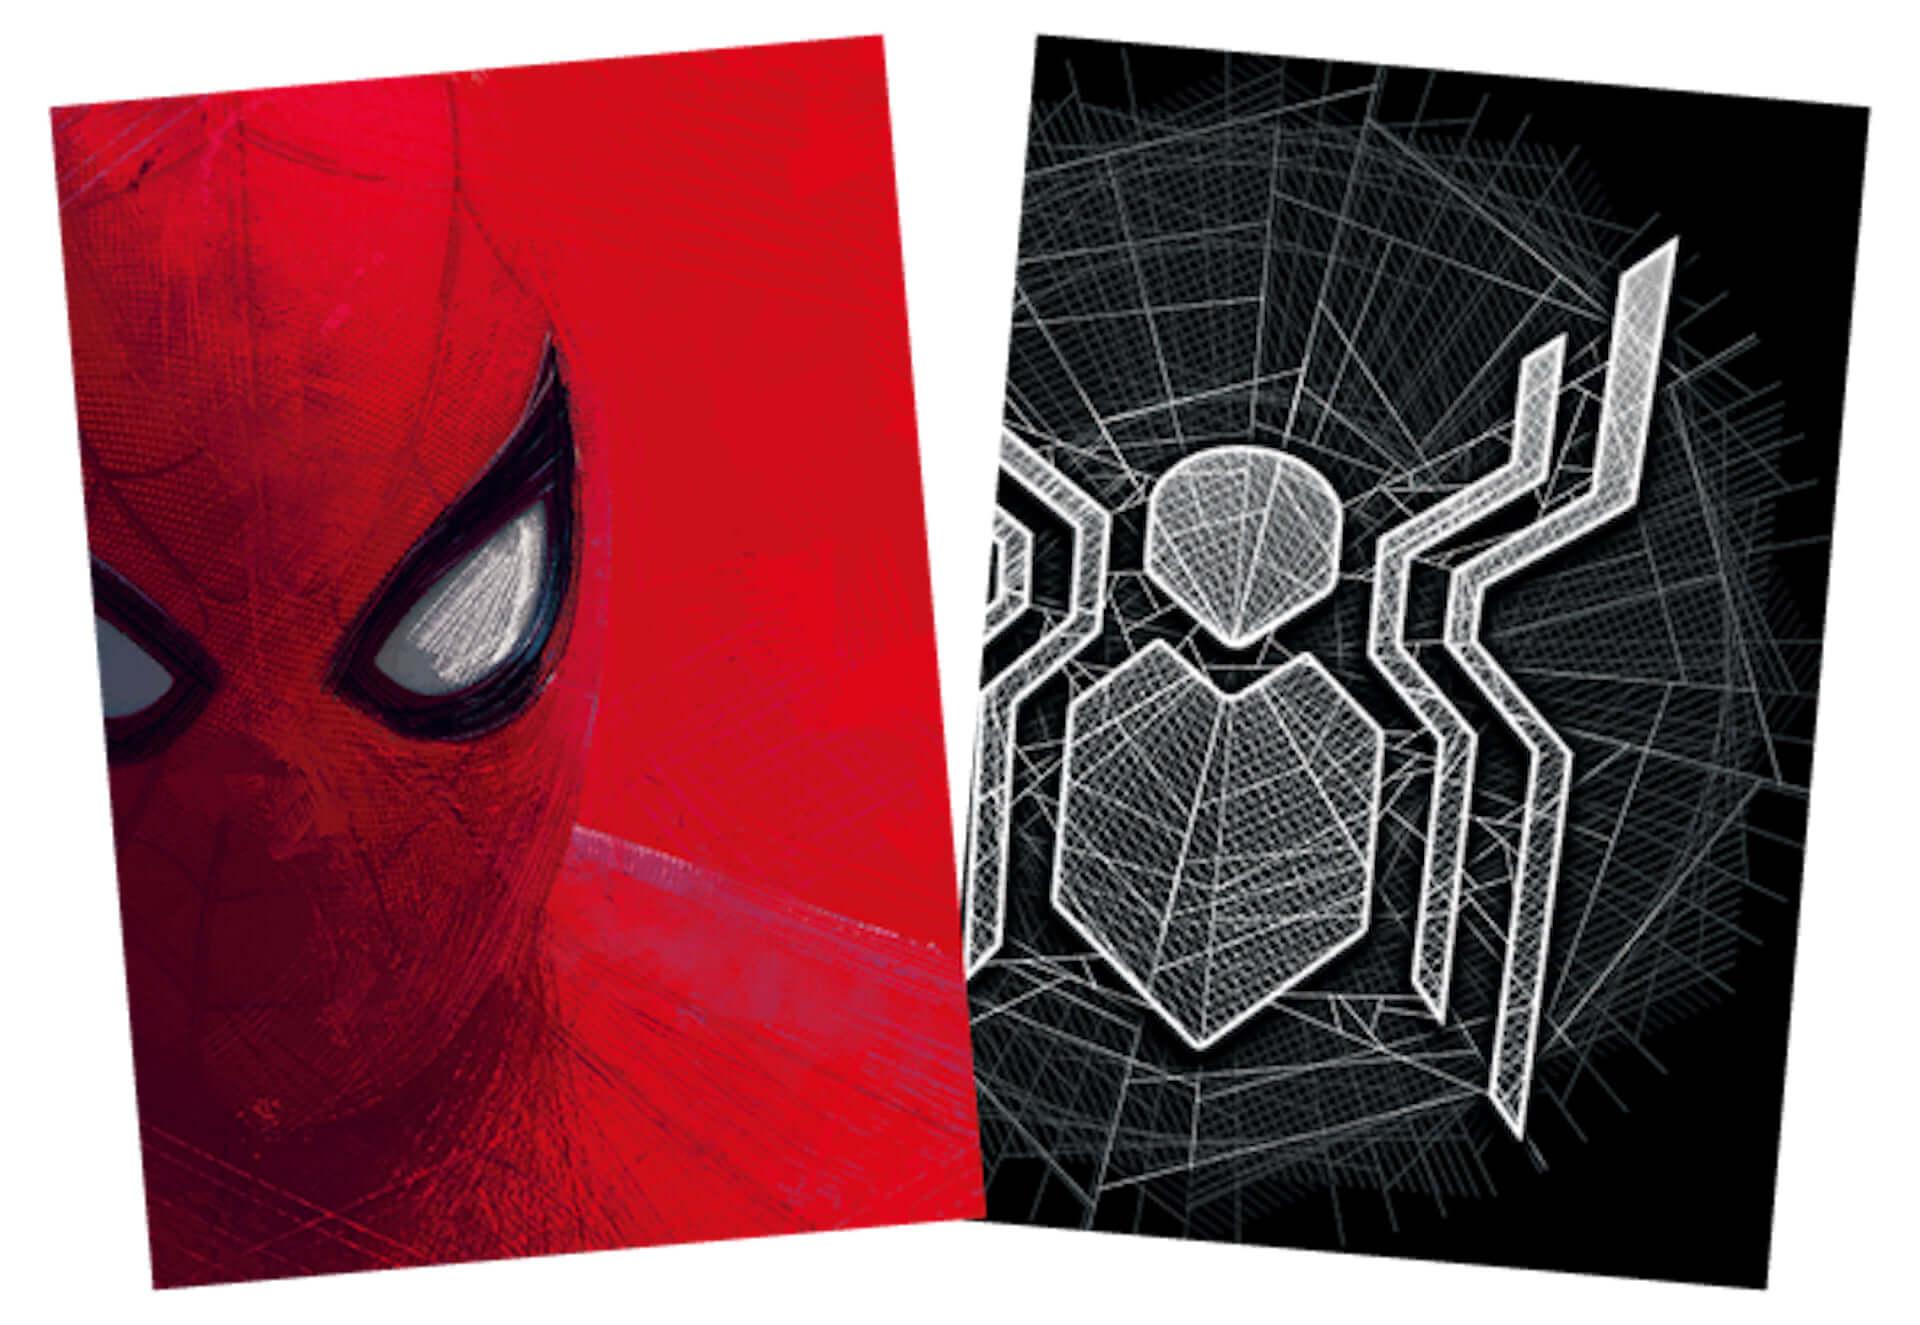 映画「スパイダーマン」最新作の超レアグッズが当たる!Happyくじ『スパイダーマン:ファー・フロム・ホーム』登場 art190628_spiderman_lot_7-1920x1325